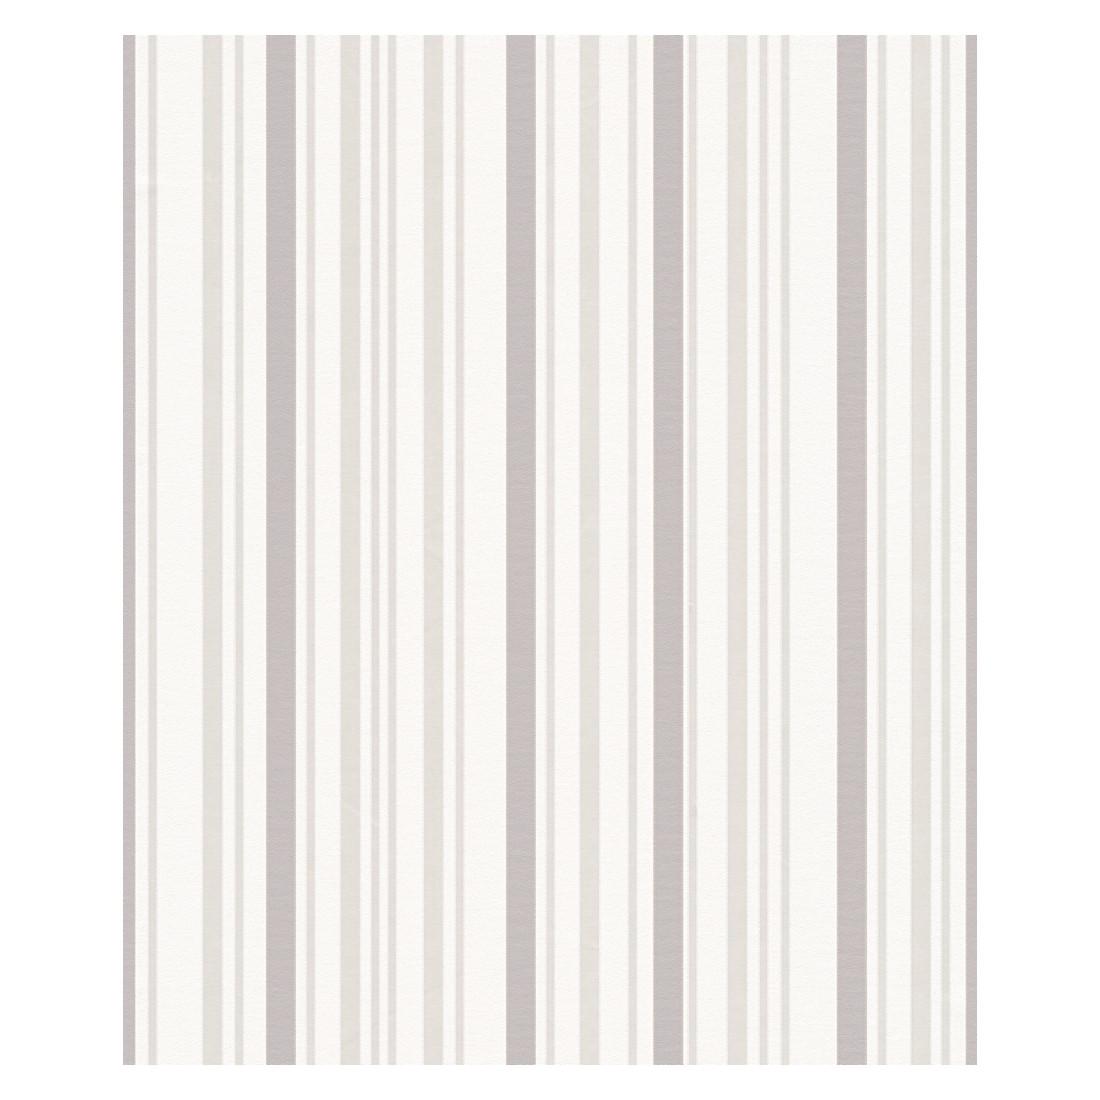 Vliestapete NAF-NAF – beige, braun, creme – strukturiert, Home24Deko günstig kaufen